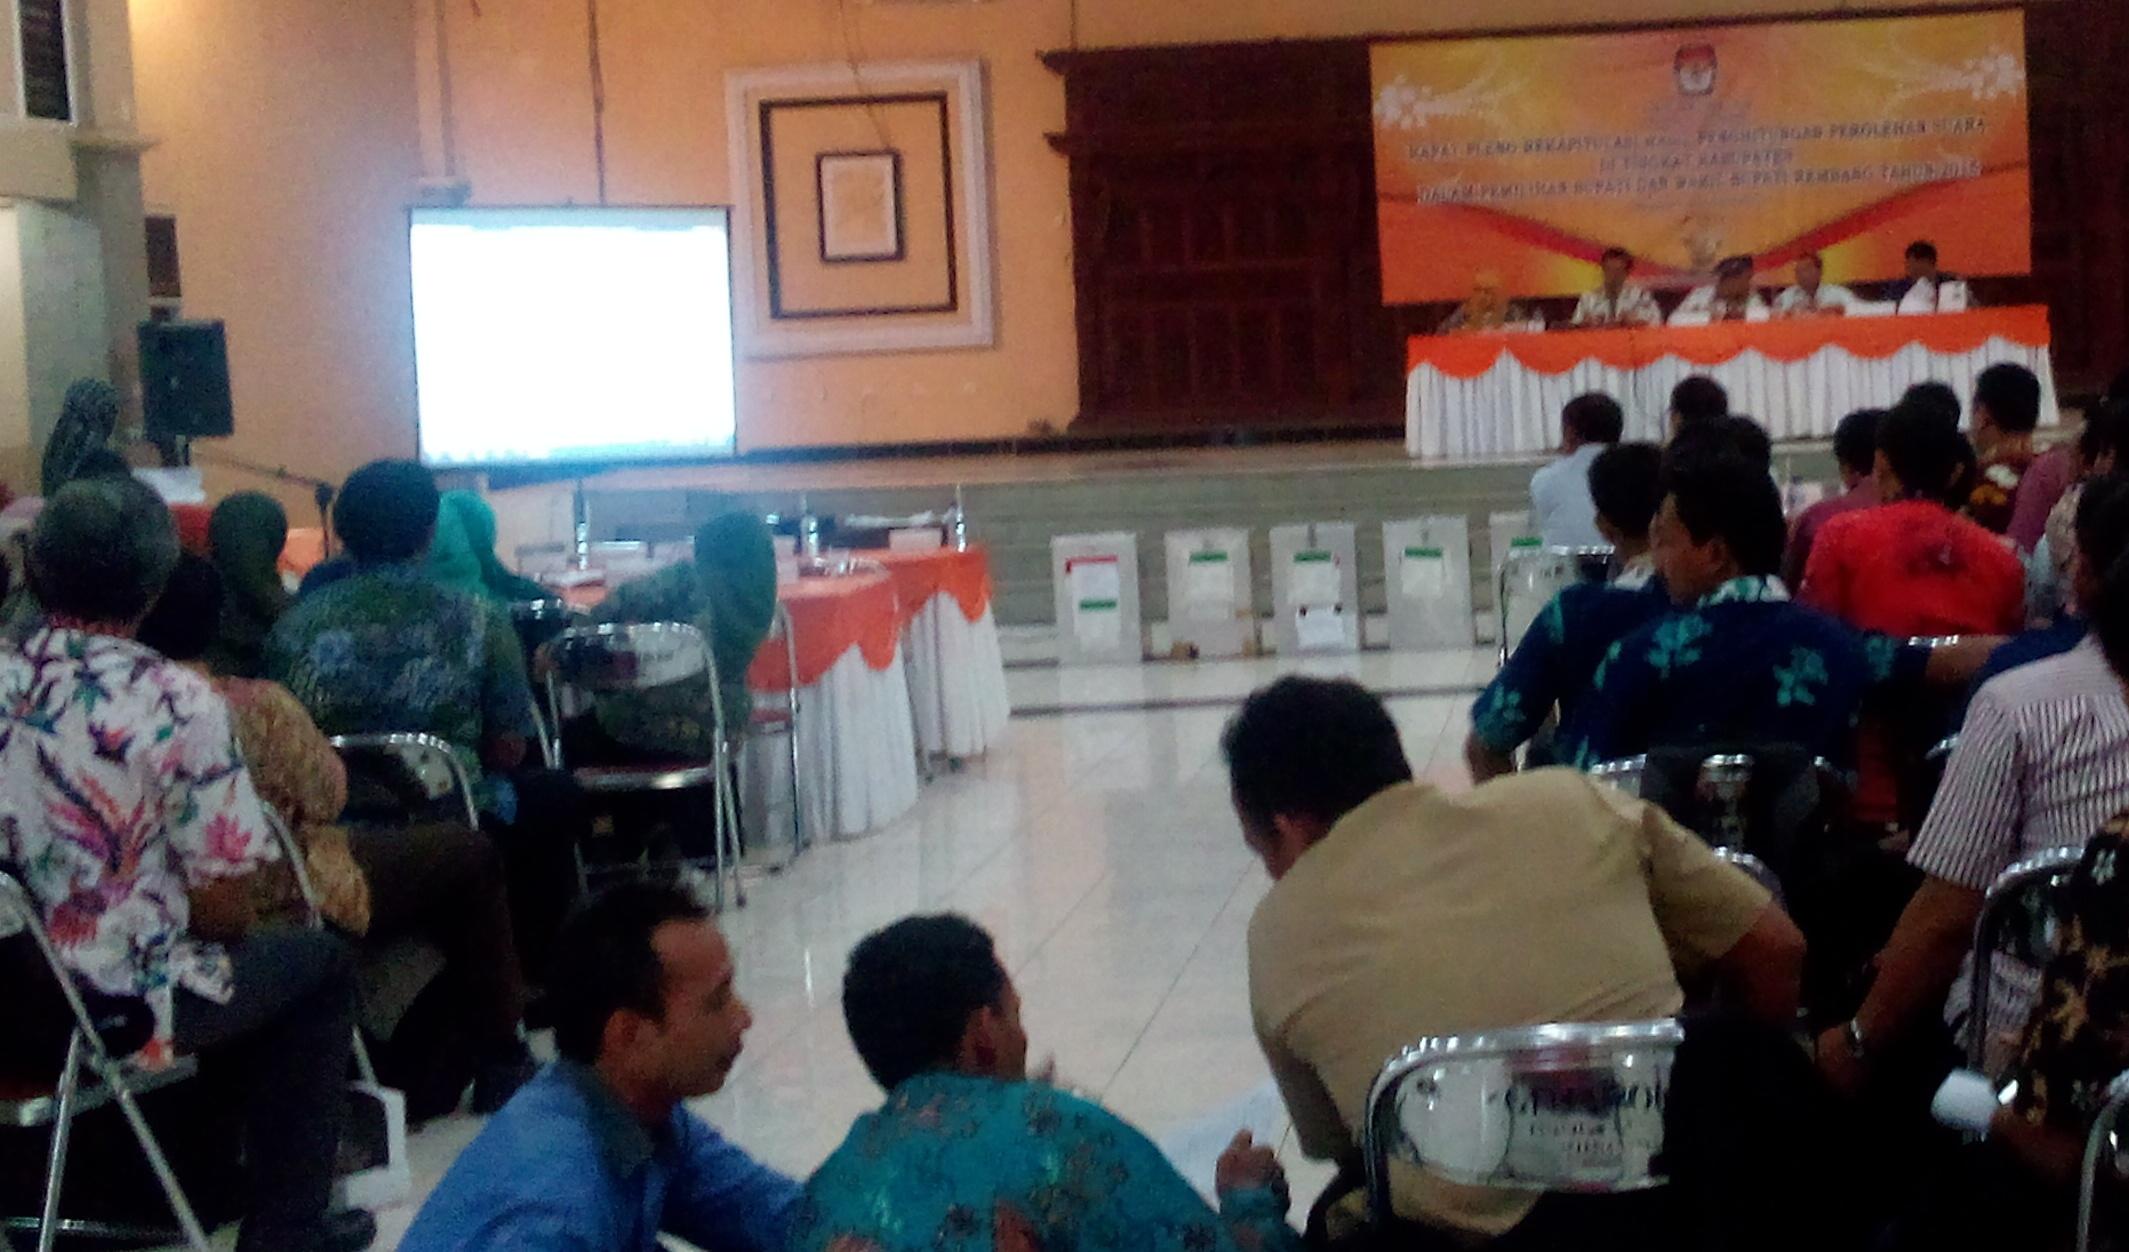 Suasana rekapitulasi hasil penghitungan perolehan suara di tingkat kabupaten pada Pemilihan Bupati dan Wakil Bupati Rembang tahun 2015 di Aula Hotel Puri Indah, Rabu (16/12/2015) siang. (Foto: Pujianto)